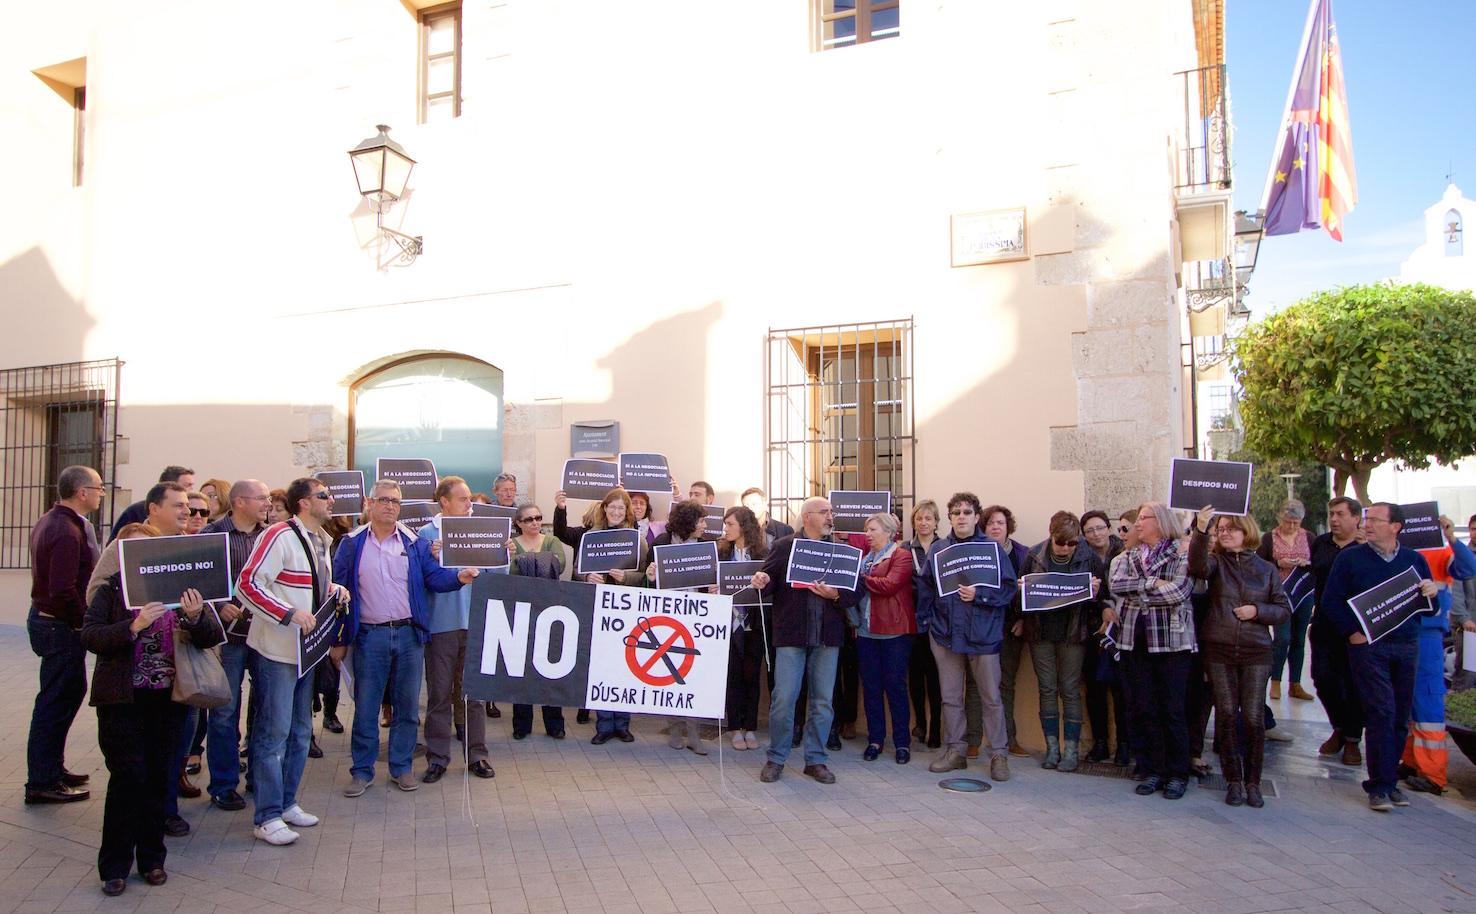 Casi 160 trabajadores municipales firman contra los despidos anunciados por el alcalde y protestarán este miércoles en el pleno